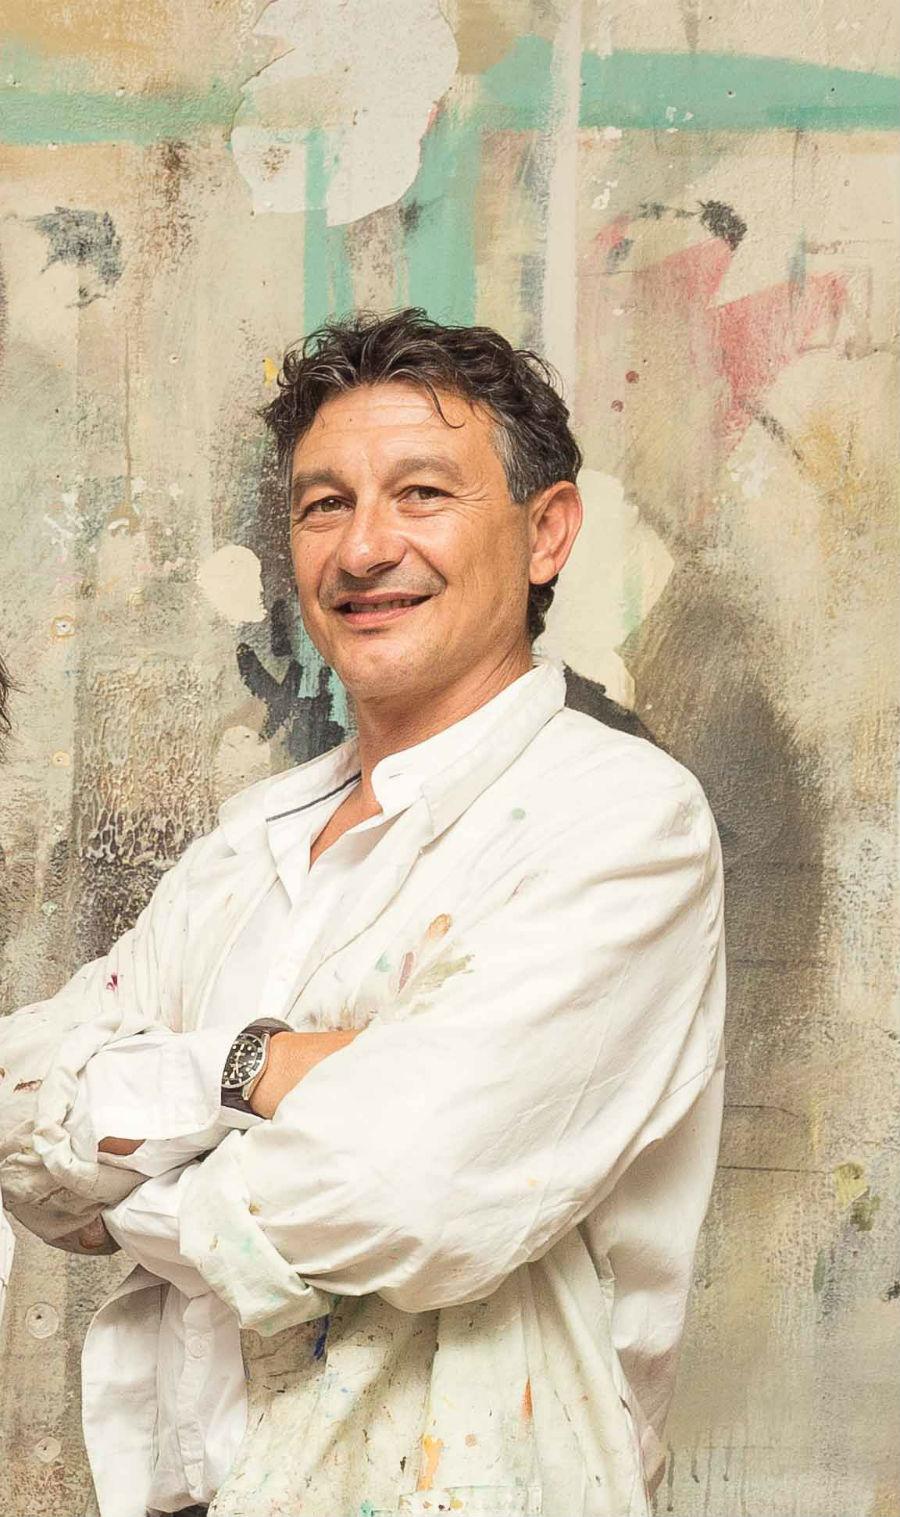 Il ritratto del Maestro Emilio Brazzolotto, che nel 2016 ha ricevuto il premio MAM-Maestro d'Arte e Mestiere. © Delfino Sisto Legnani